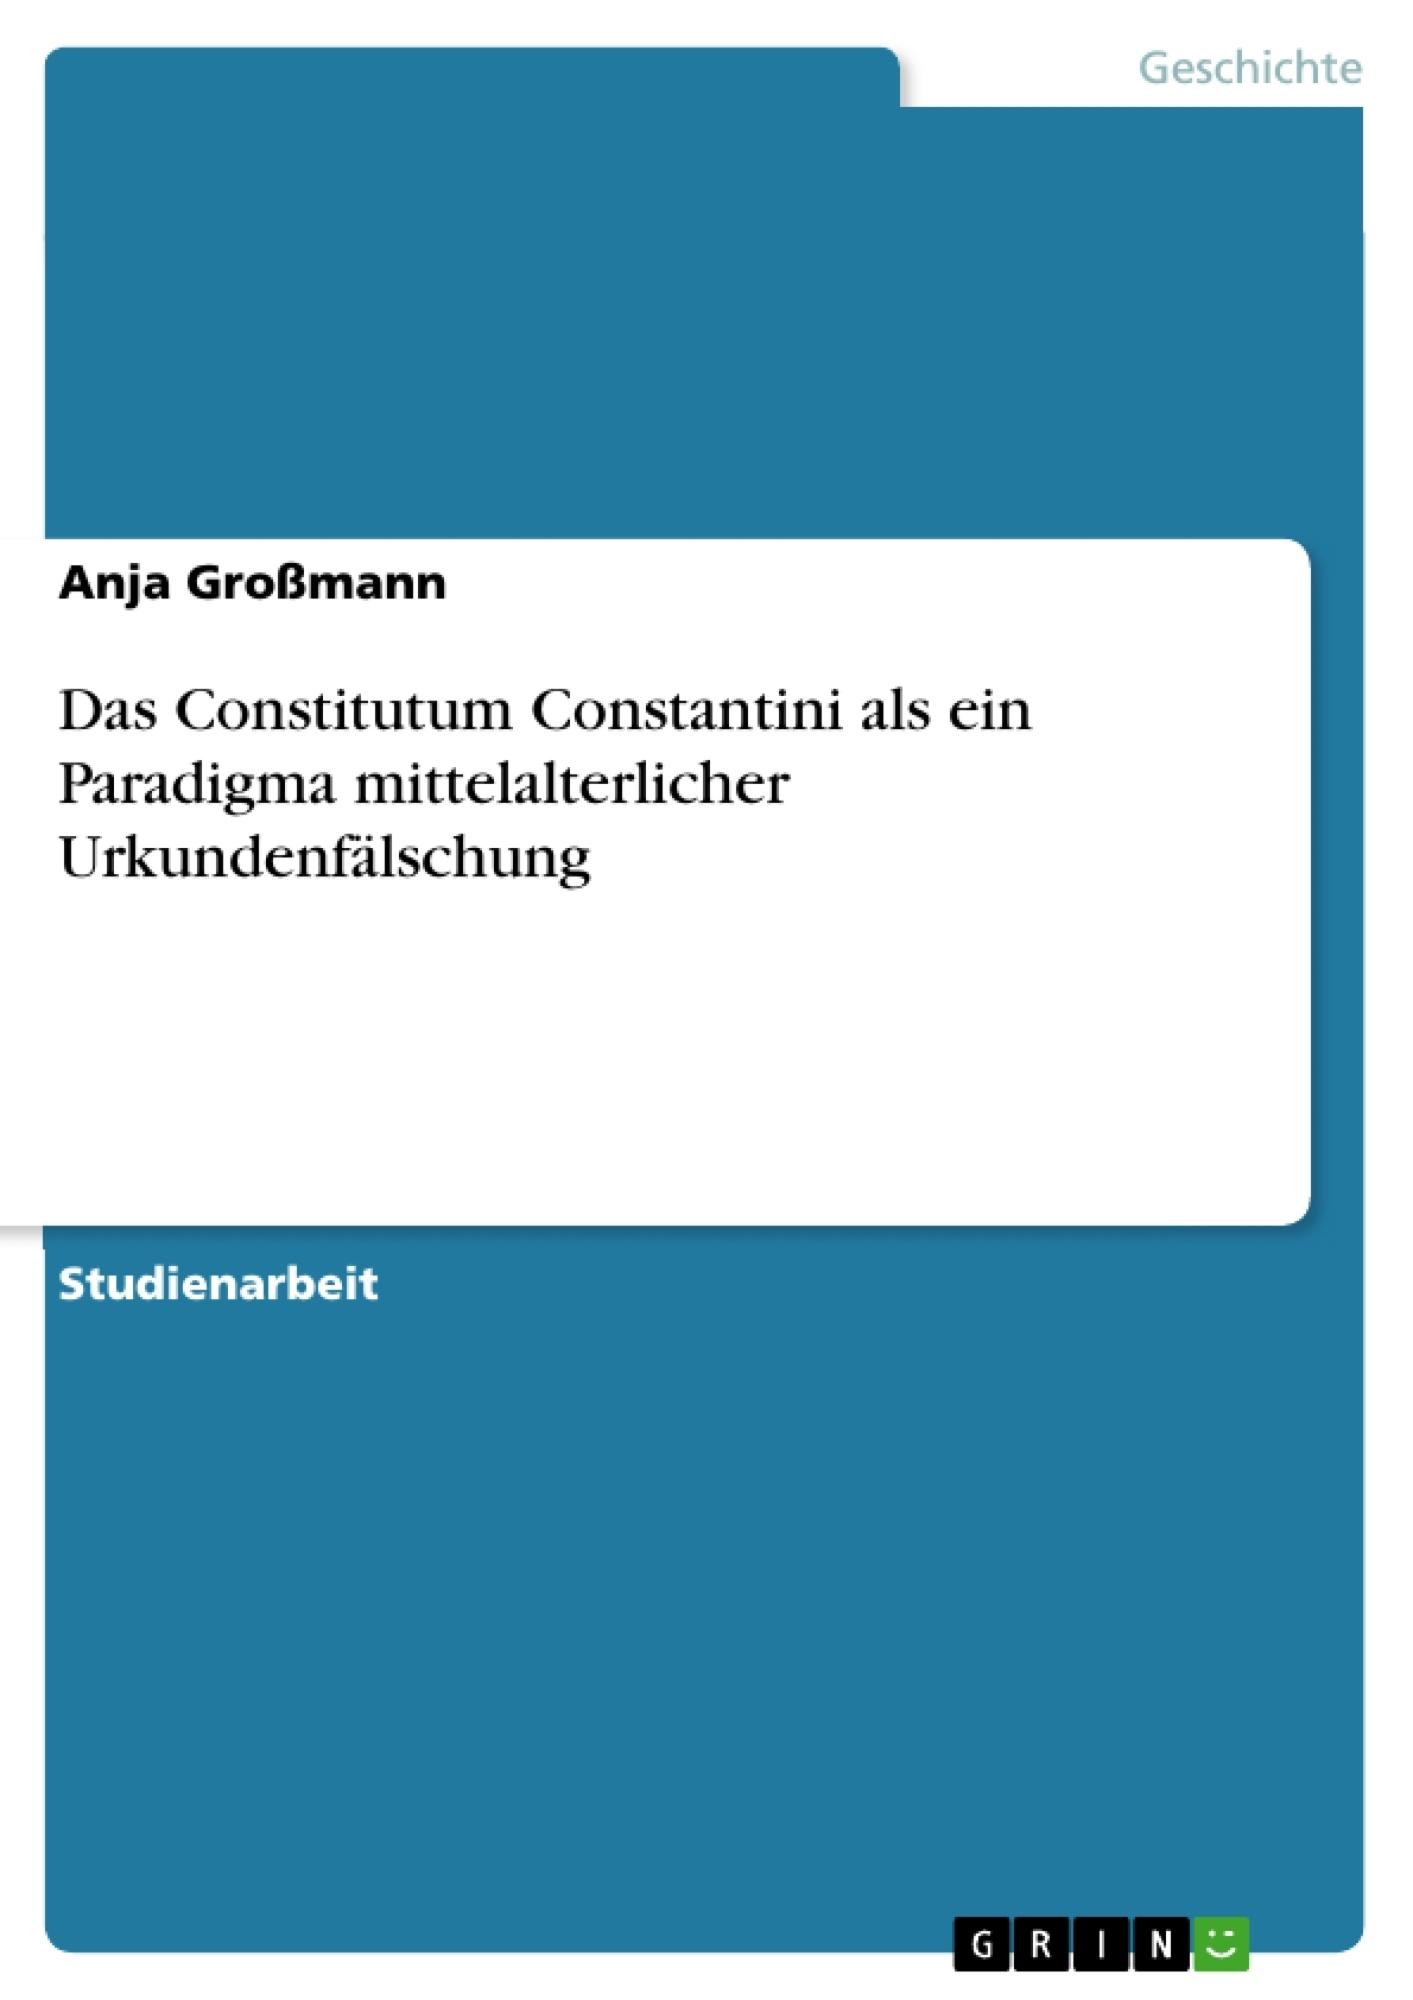 Titel: Das Constitutum Constantini als ein Paradigma mittelalterlicher Urkundenfälschung